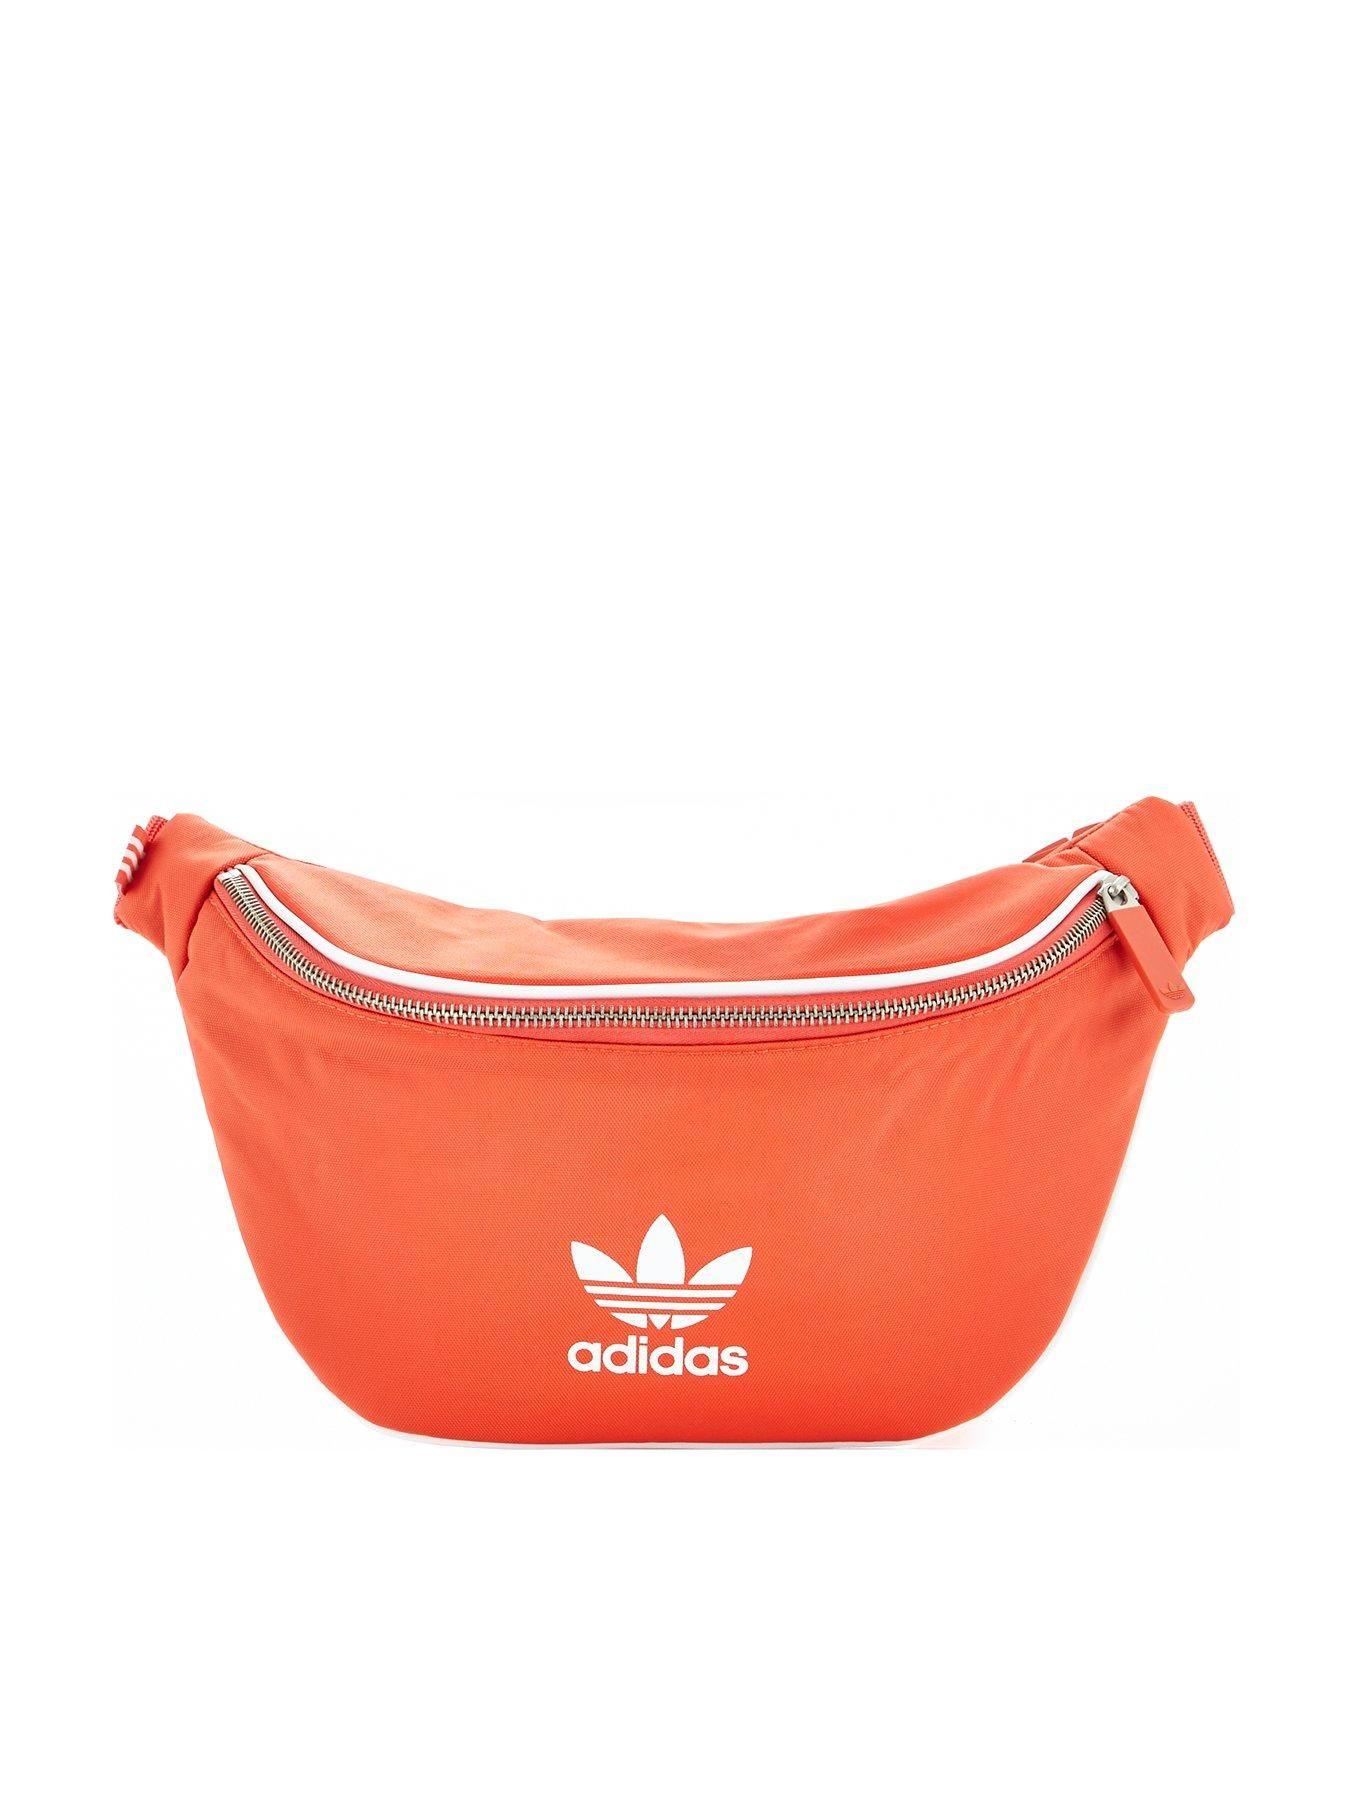 7c556cff6f adidas Originals adicolor Waist Bag - Orange